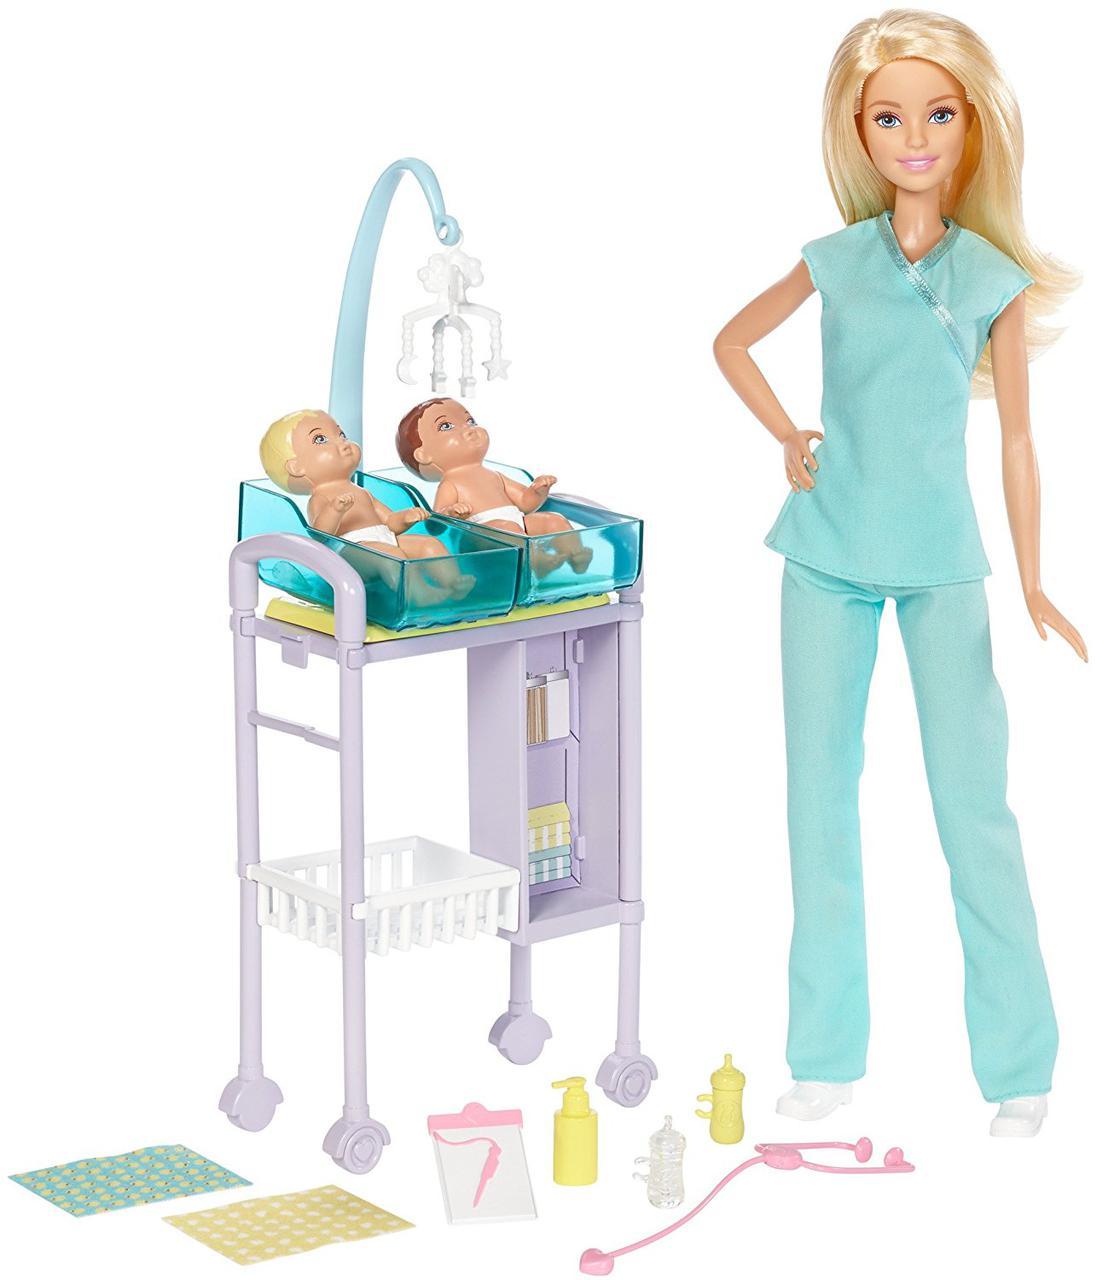 Игровой набор Барби Педиатр с двумя малышами Детский доктор Barbie Baby Doctor Playset